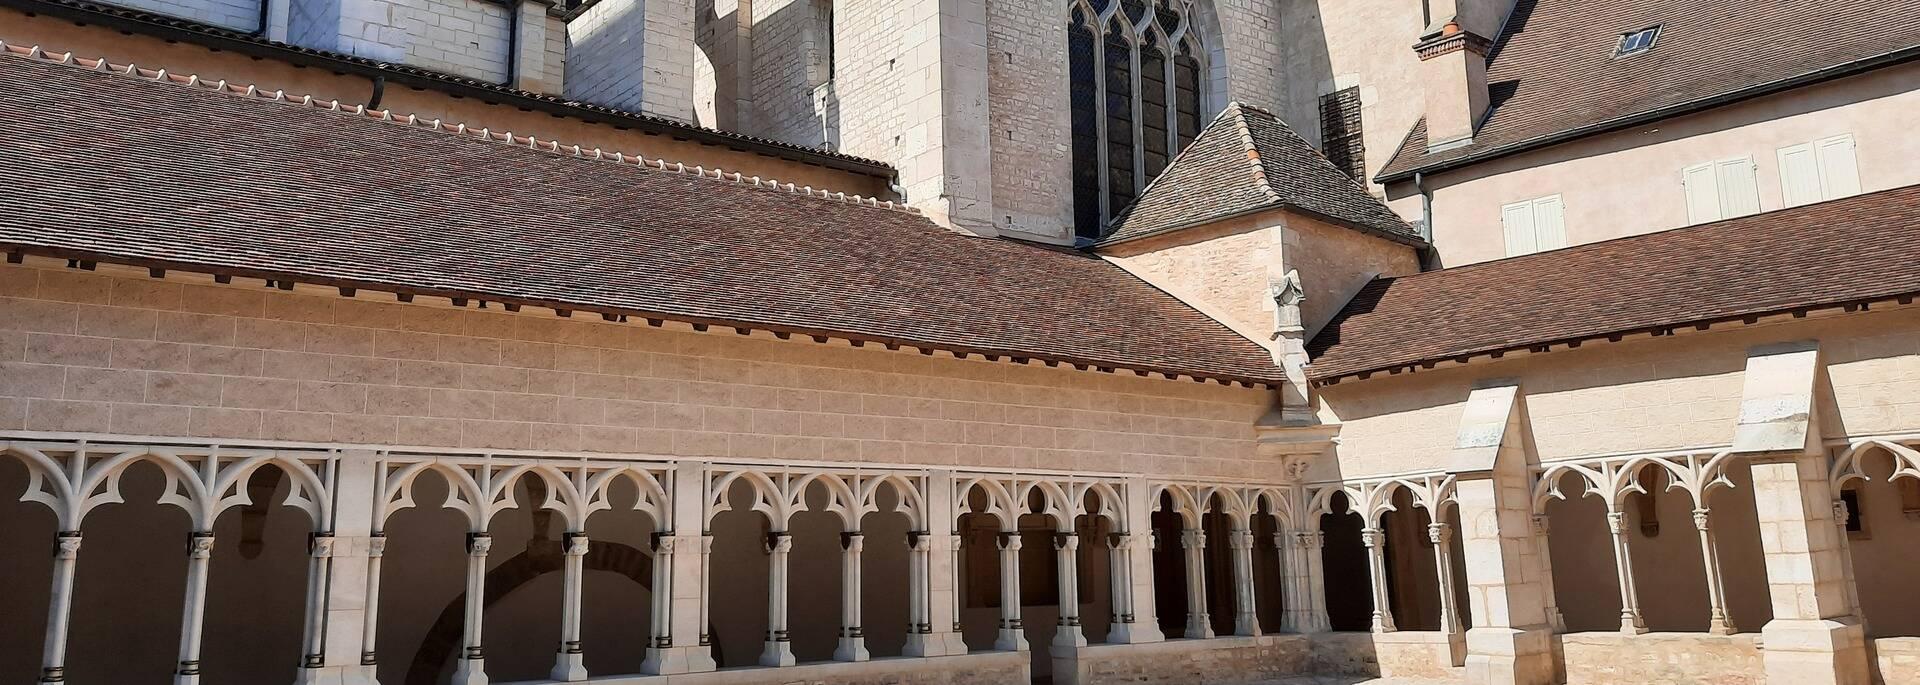 Cloître des Chanoines de la Cathédrale Saint Vincent Chalon sur Saône